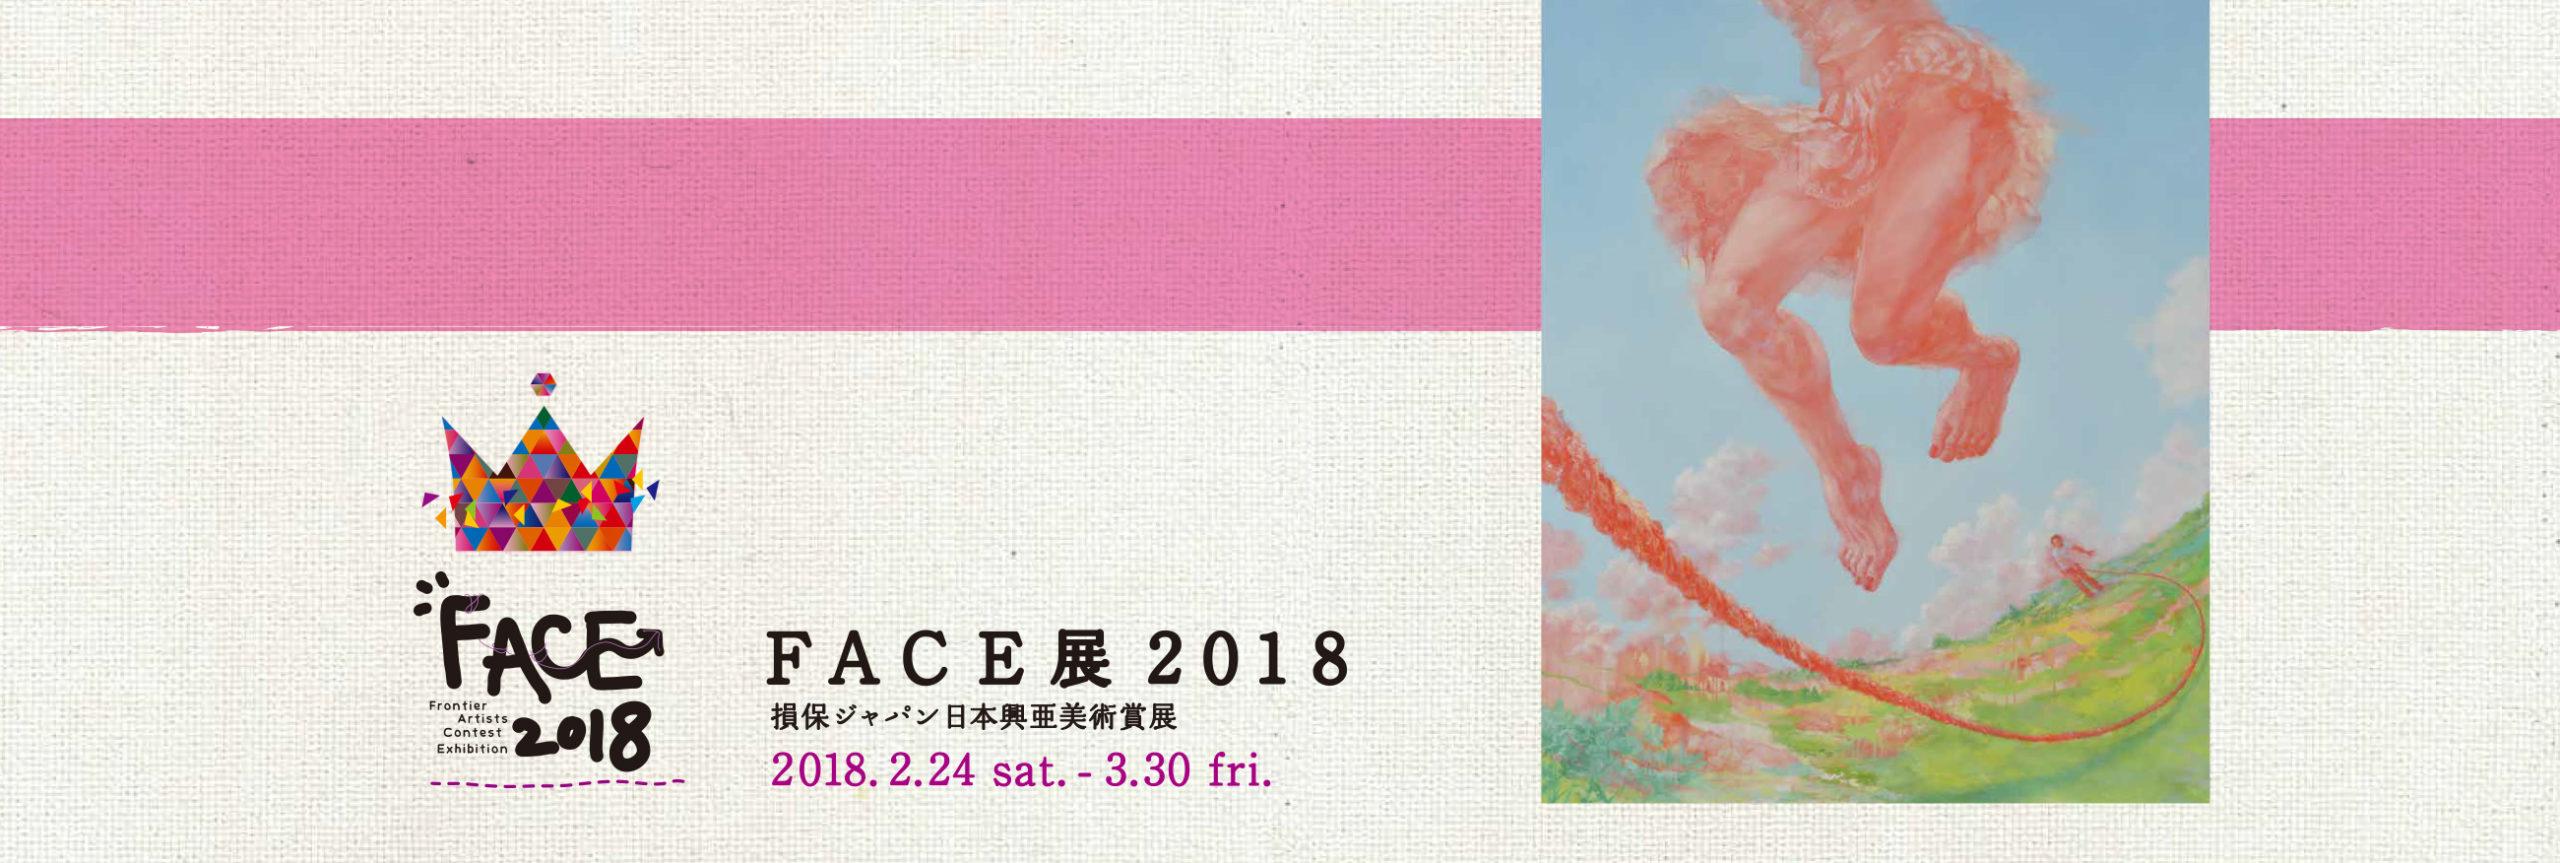 FACE展 2018